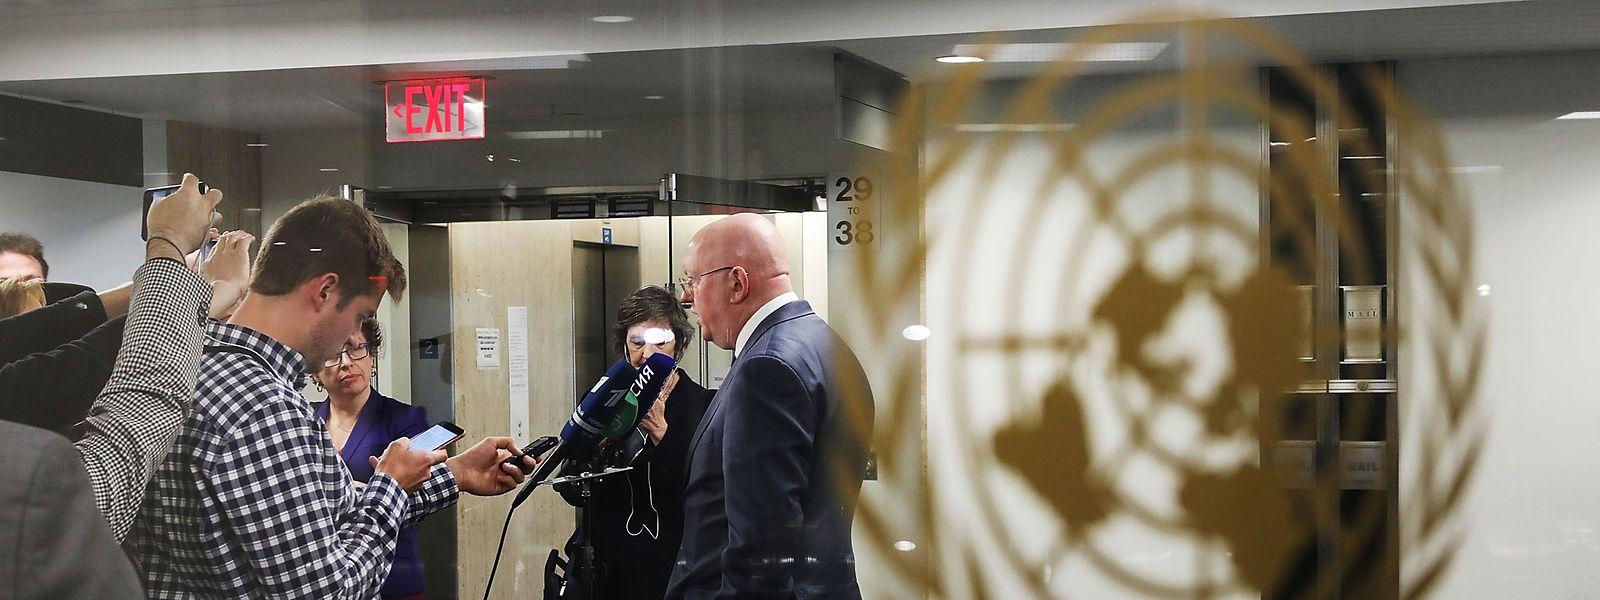 Russlands UN-Botschafter Wassili Nebensja leugnete am Freitag jegliche Beteiligung seines Landes oder Syriens an dem Giftgasangriff in Duma.